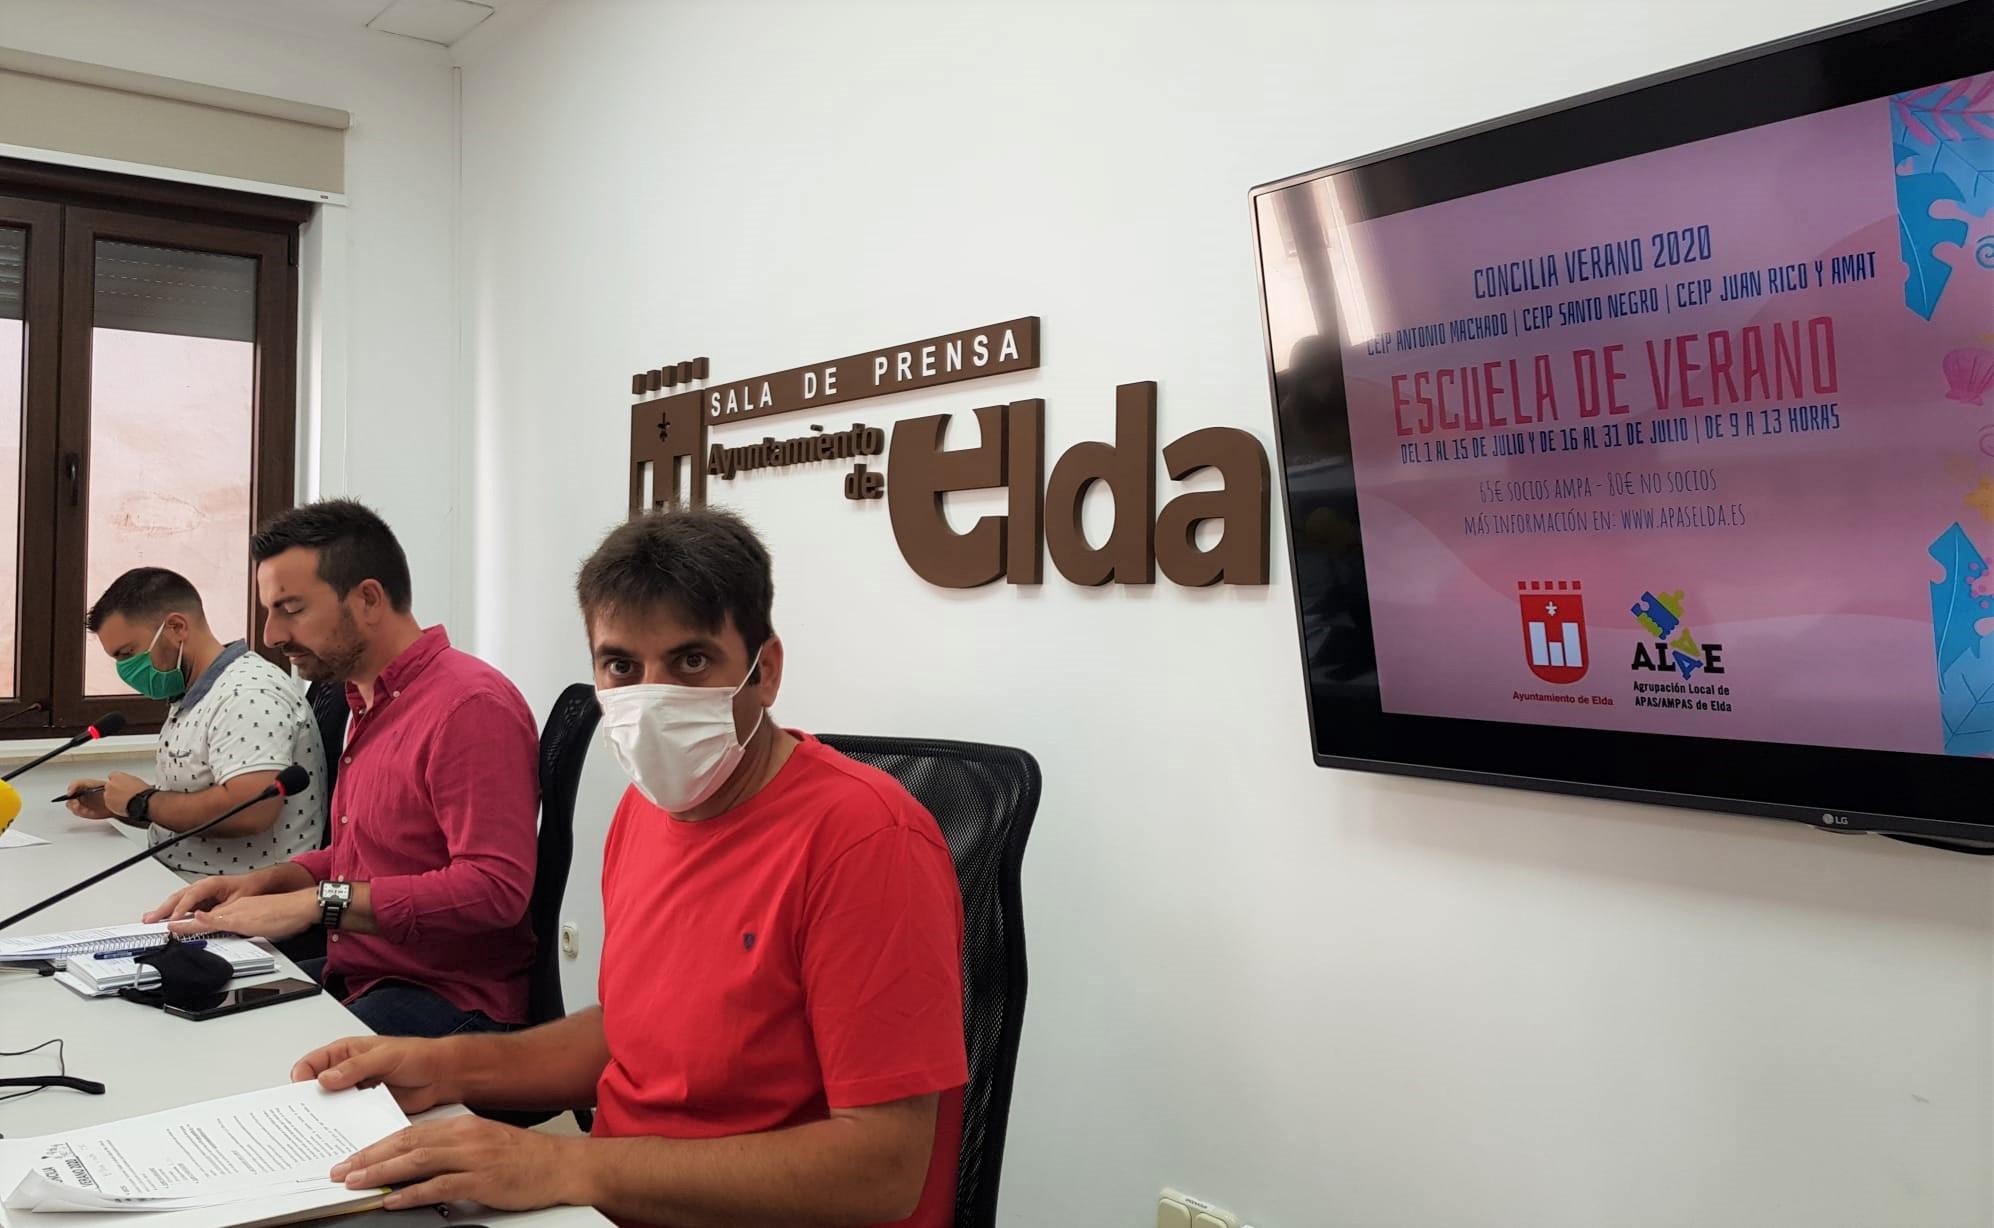 El Ayuntamiento de Elda y la Agrupación Local de Ampas organizan una escuela de verano que se desarrollará en tres centros educativos